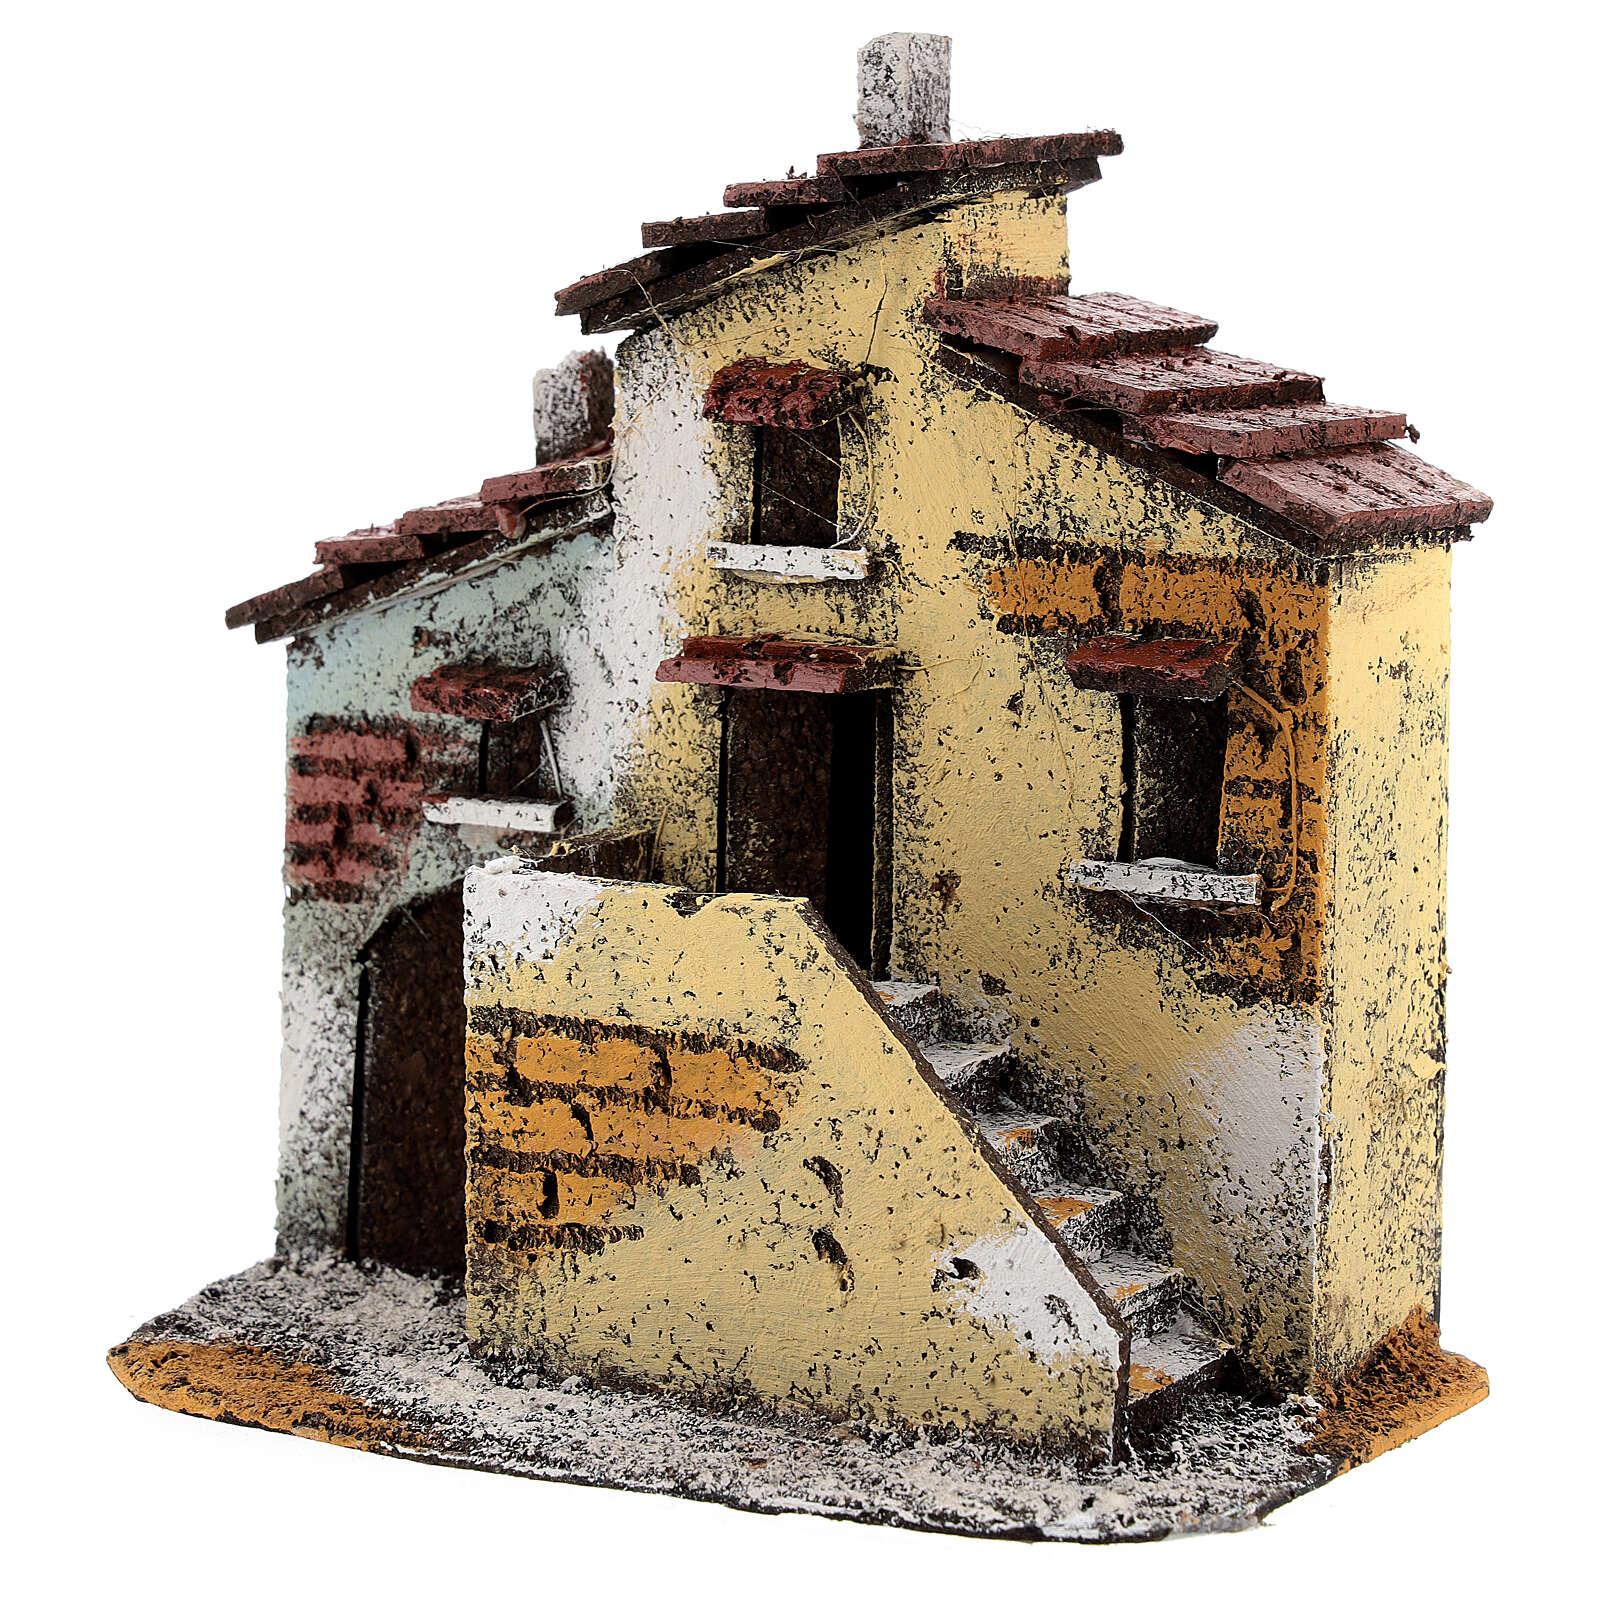 Case adiacenti sughero presepe napoletano 15x15x10 cm per statue 3 cm 4